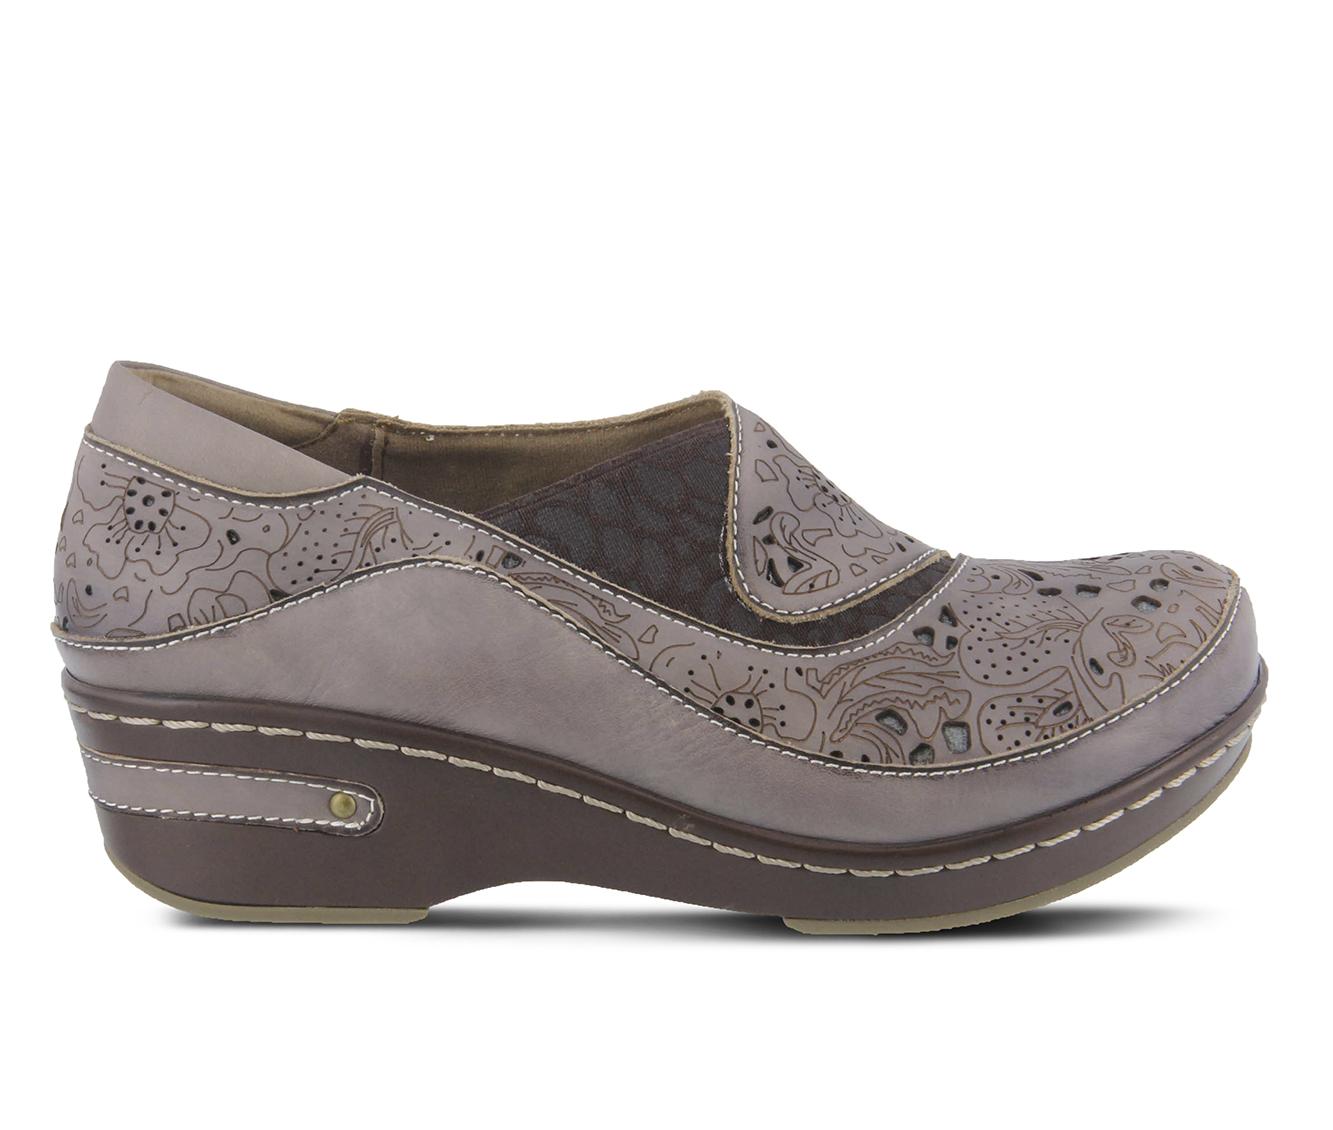 L'Artiste Brankla Women's Shoe (Gray Leather)